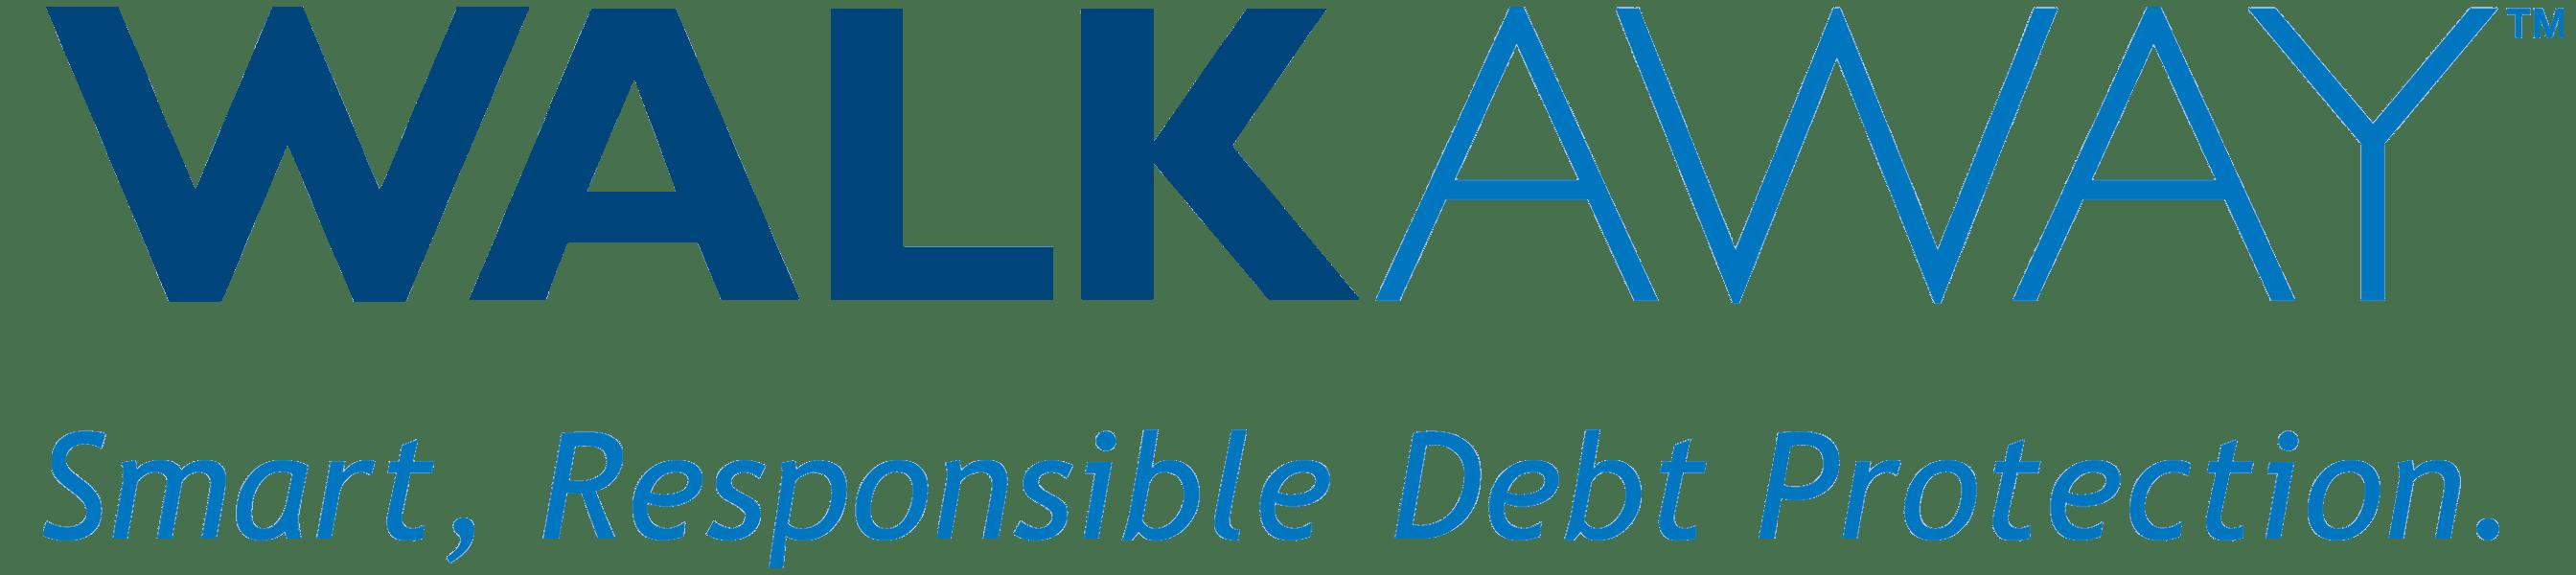 walkaway logo blue